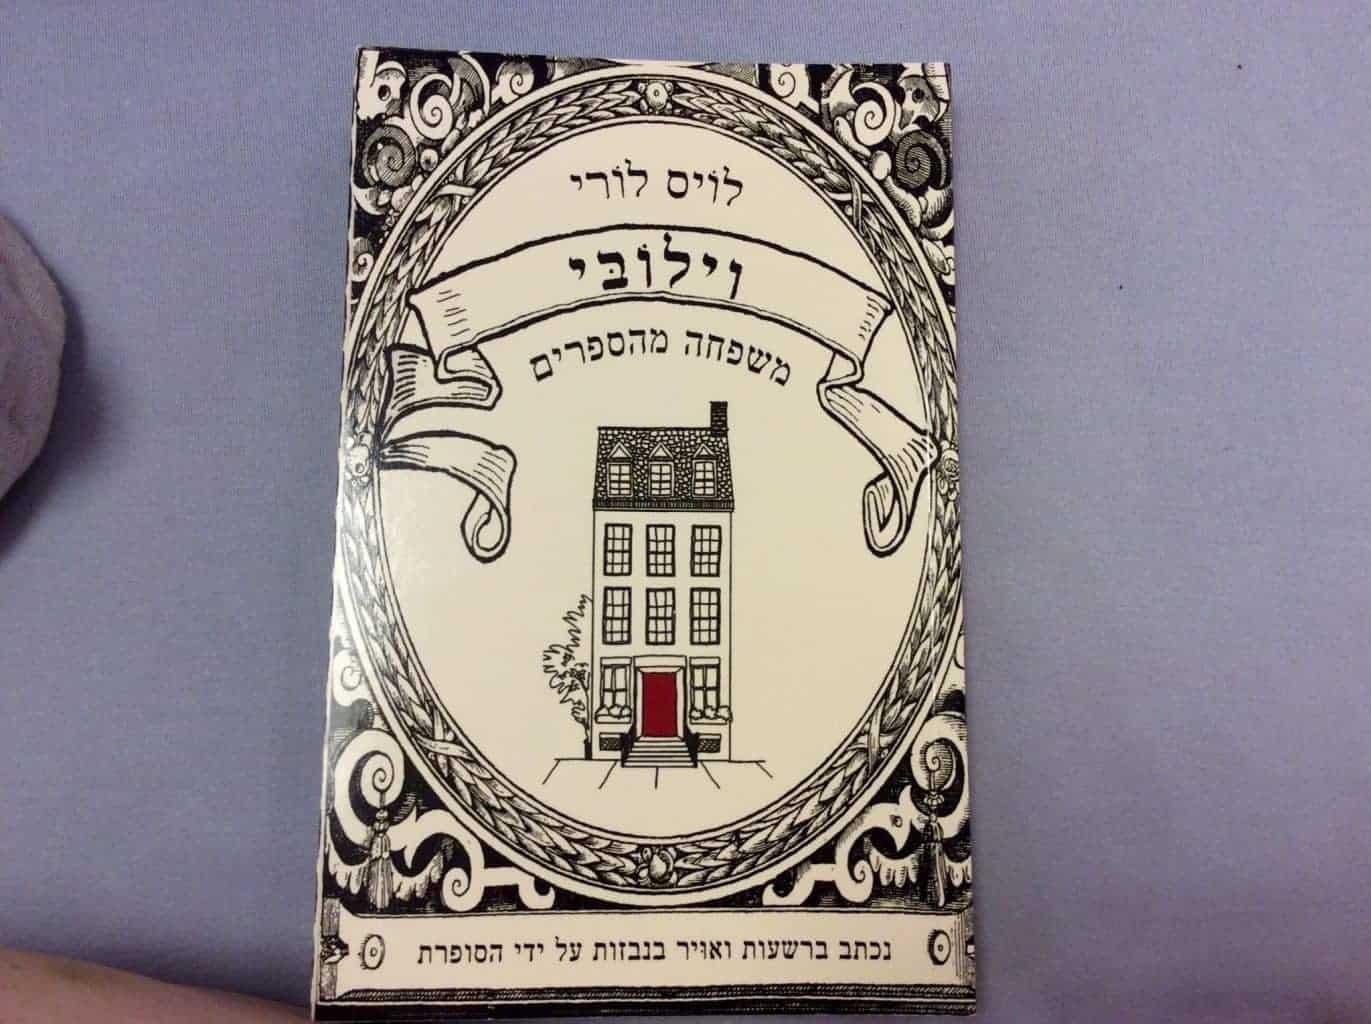 וילובי משפחה מהספרים